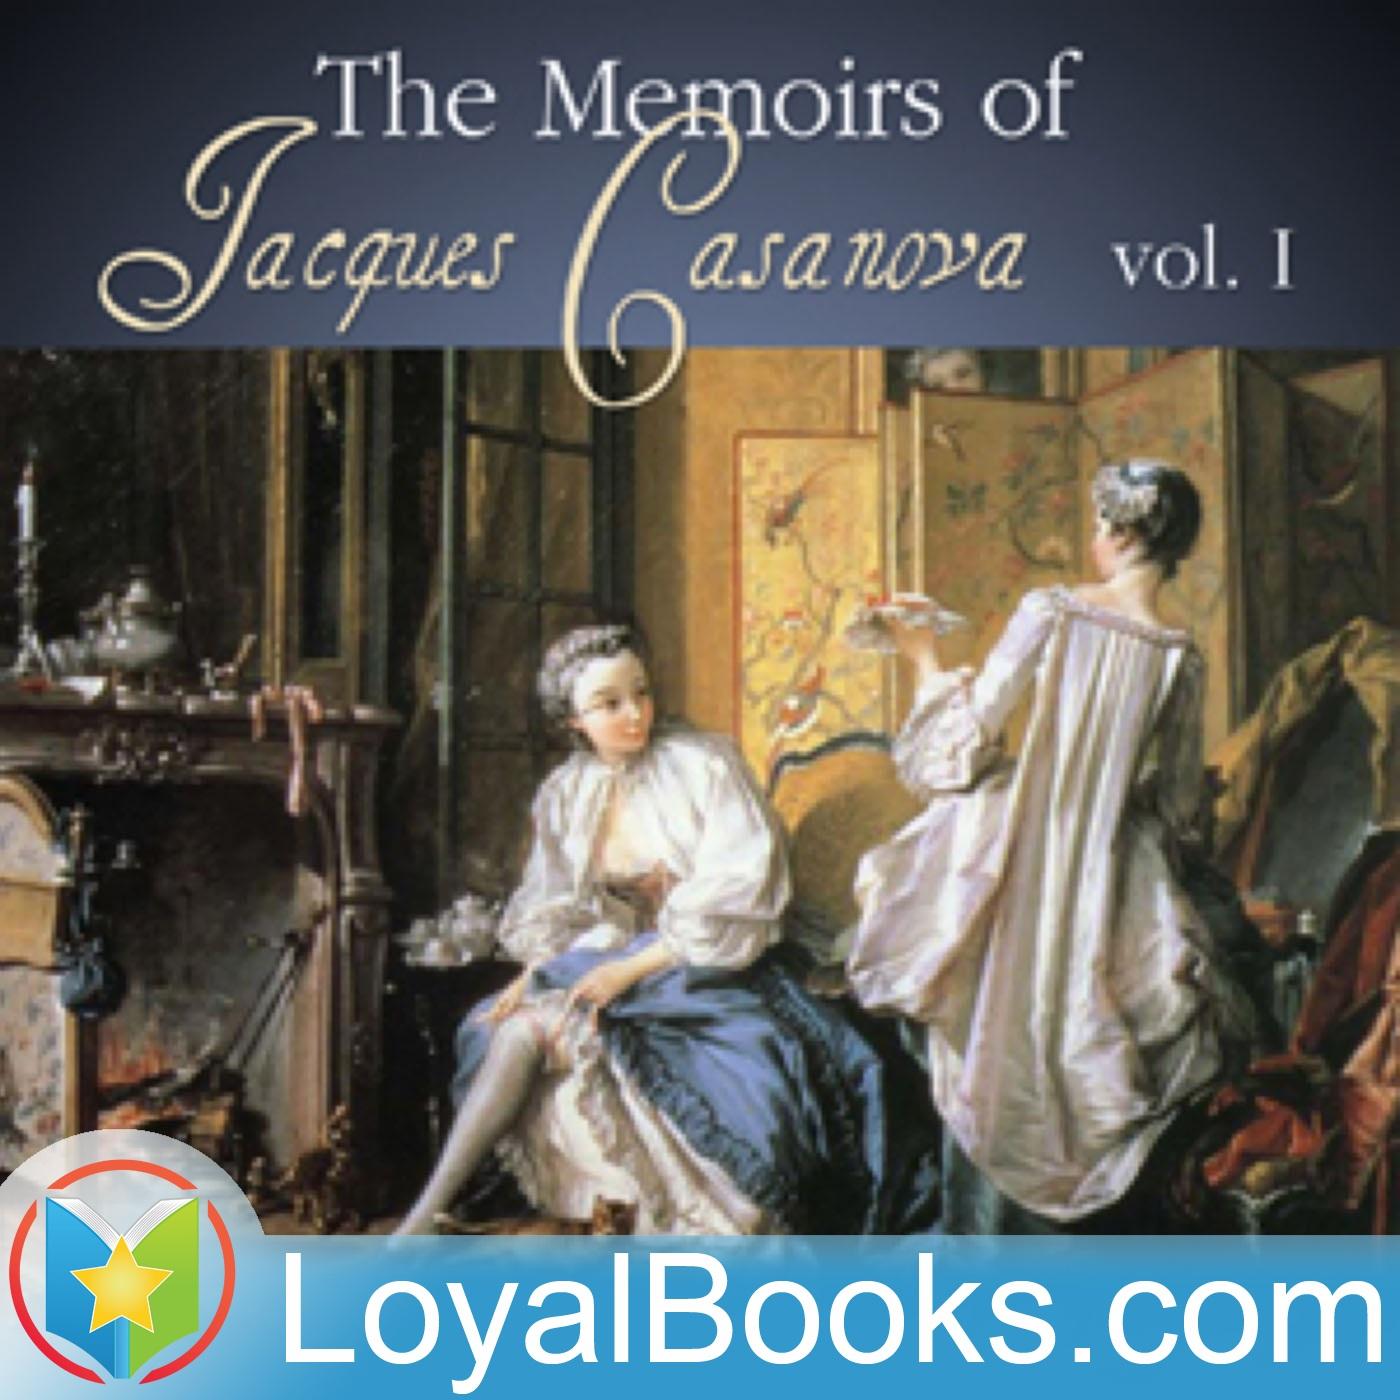 The Memoirs of Jacques Casanova by Giacomo Casanova  